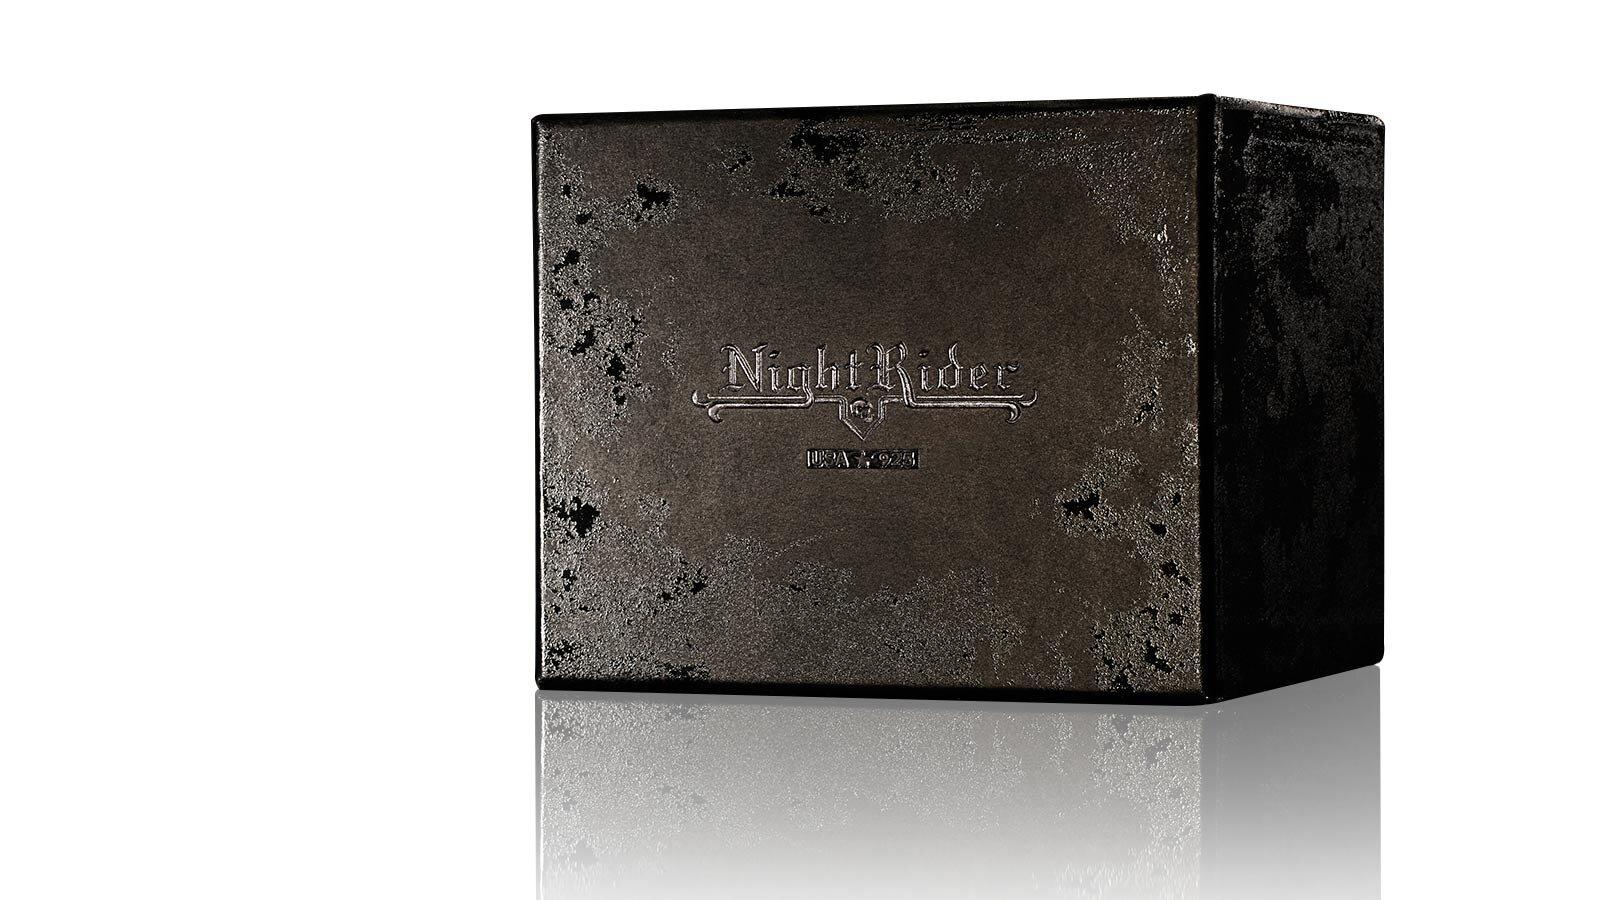 夜间骑士珠宝盒包装公司 - 设计-5.jpg